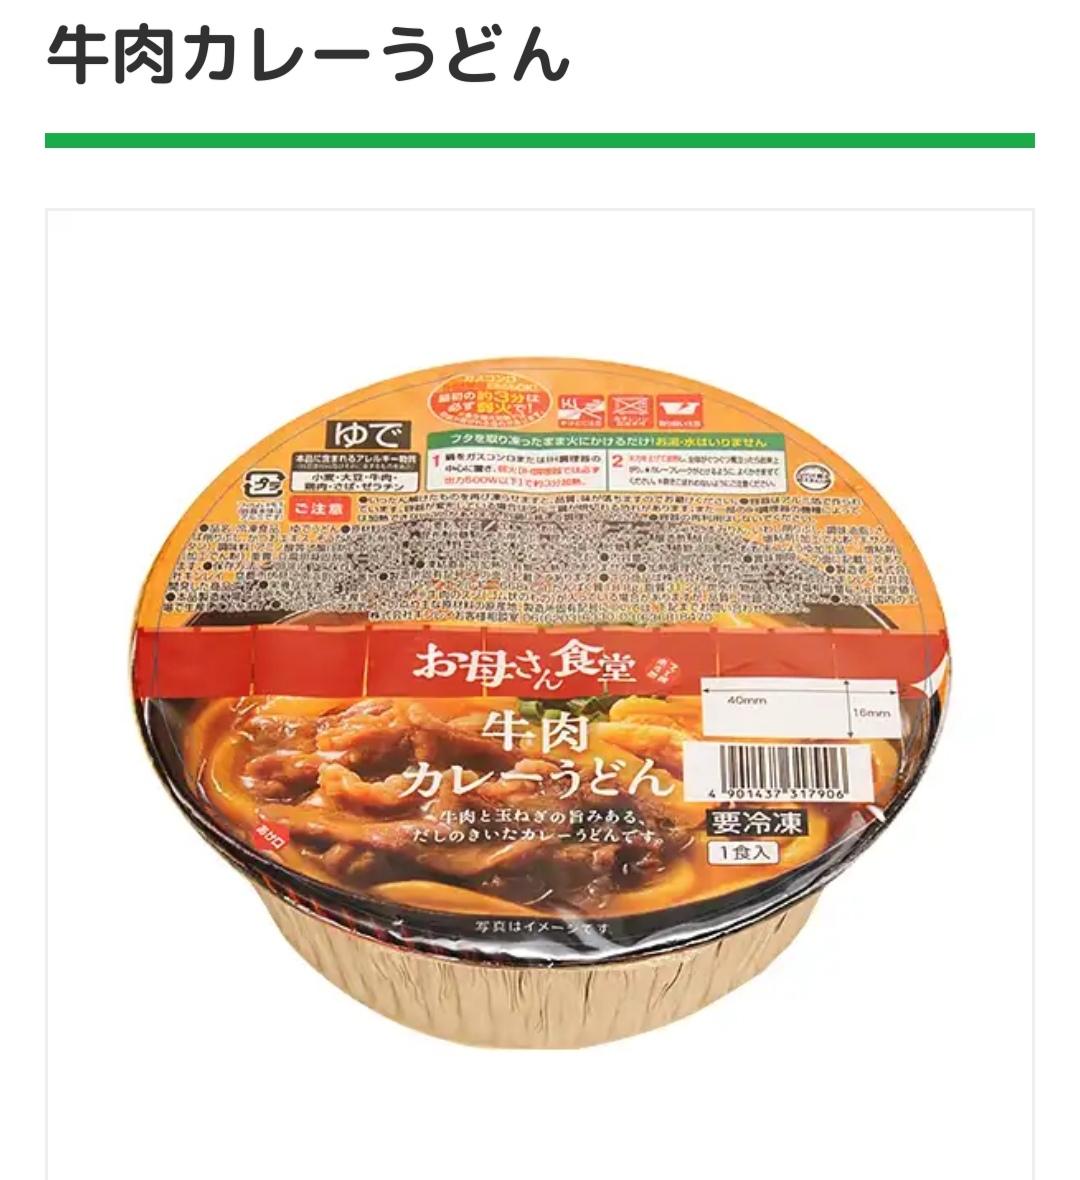 #09 ファミリーマートの冷凍食品「お母さん食堂 牛肉カレーうどん」をぜひ食べてもらいたい!!